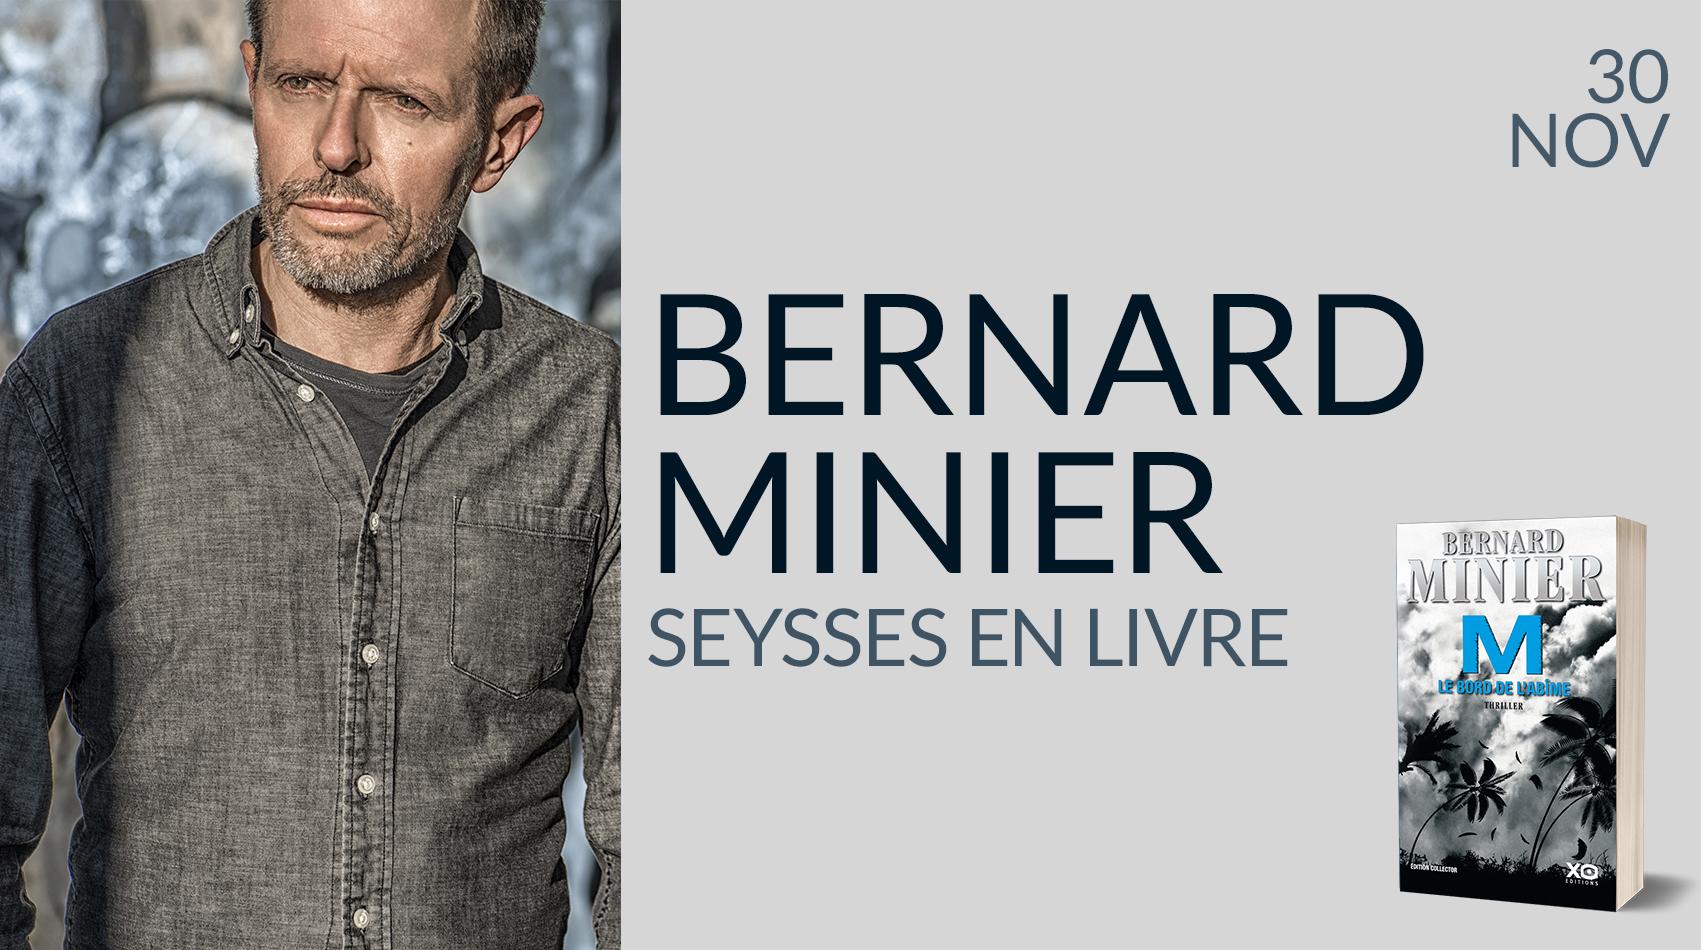 BERNARD MINIER À SEYSSES EN LIVRE